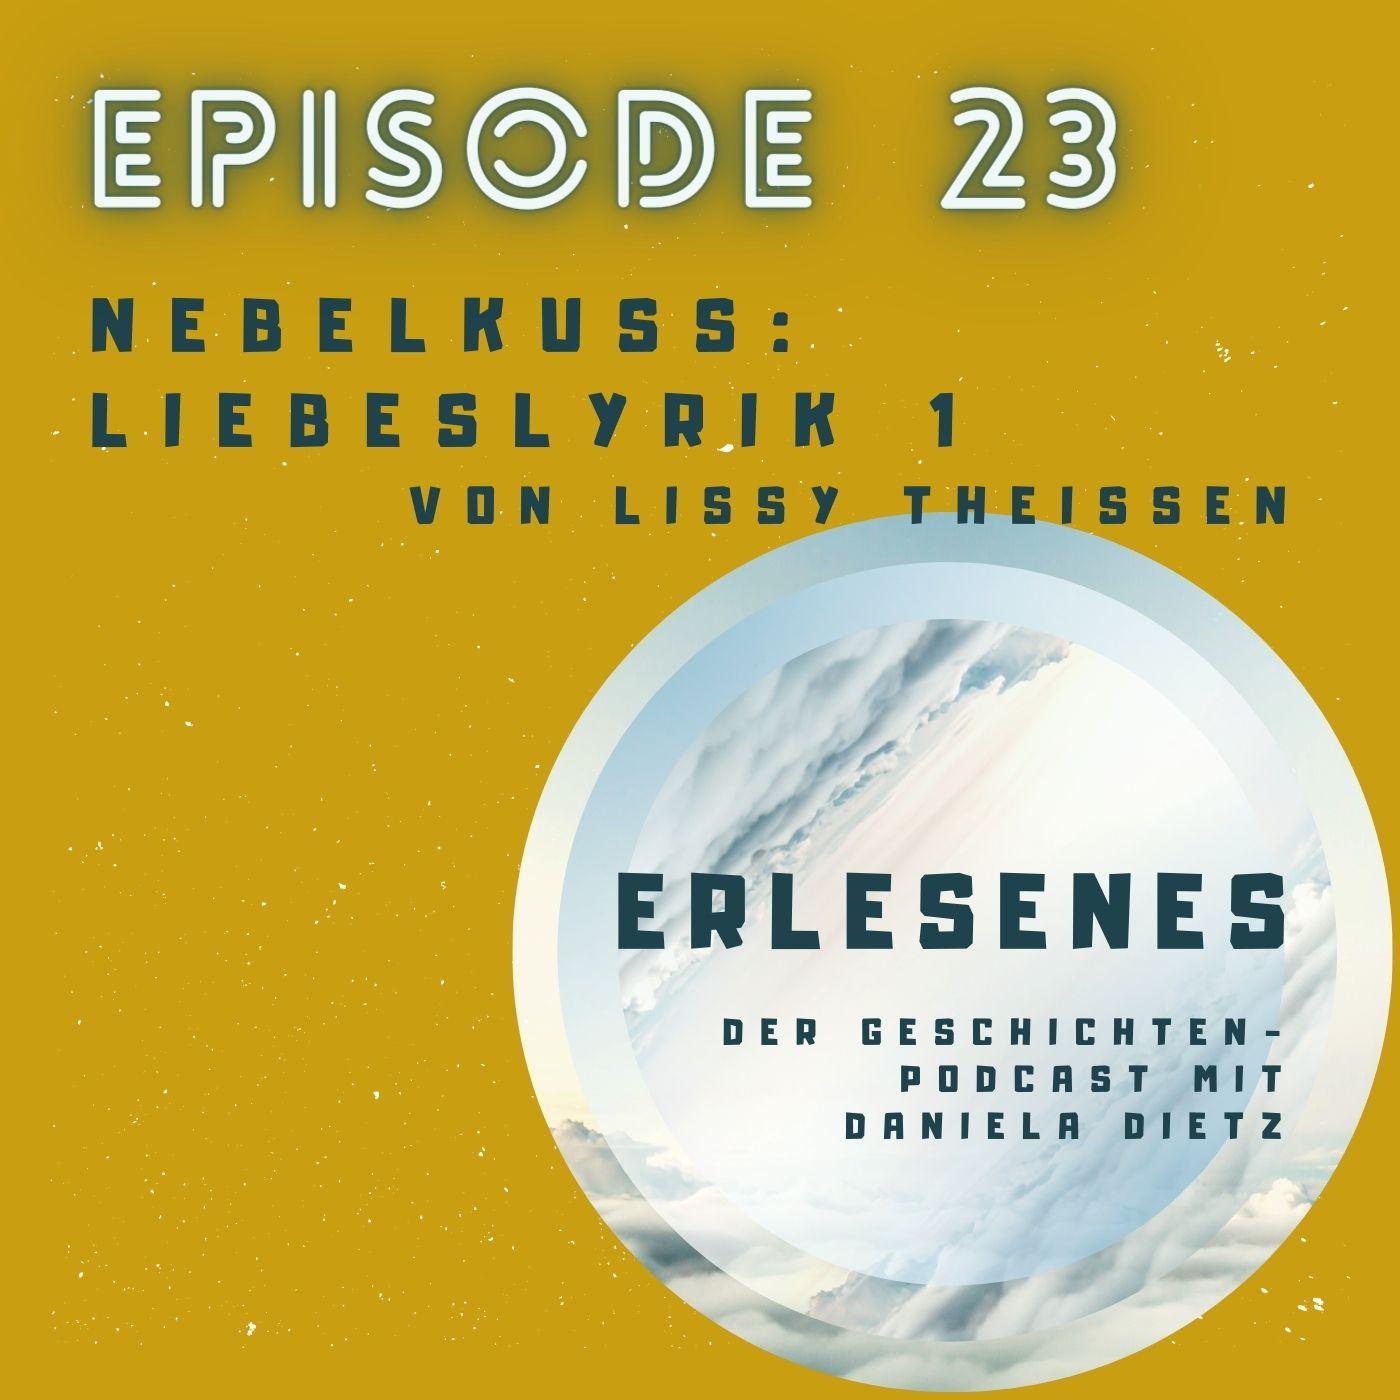 Episode 23: Nebelkuss - Liebeslyrik 1 von Lissy Theissen